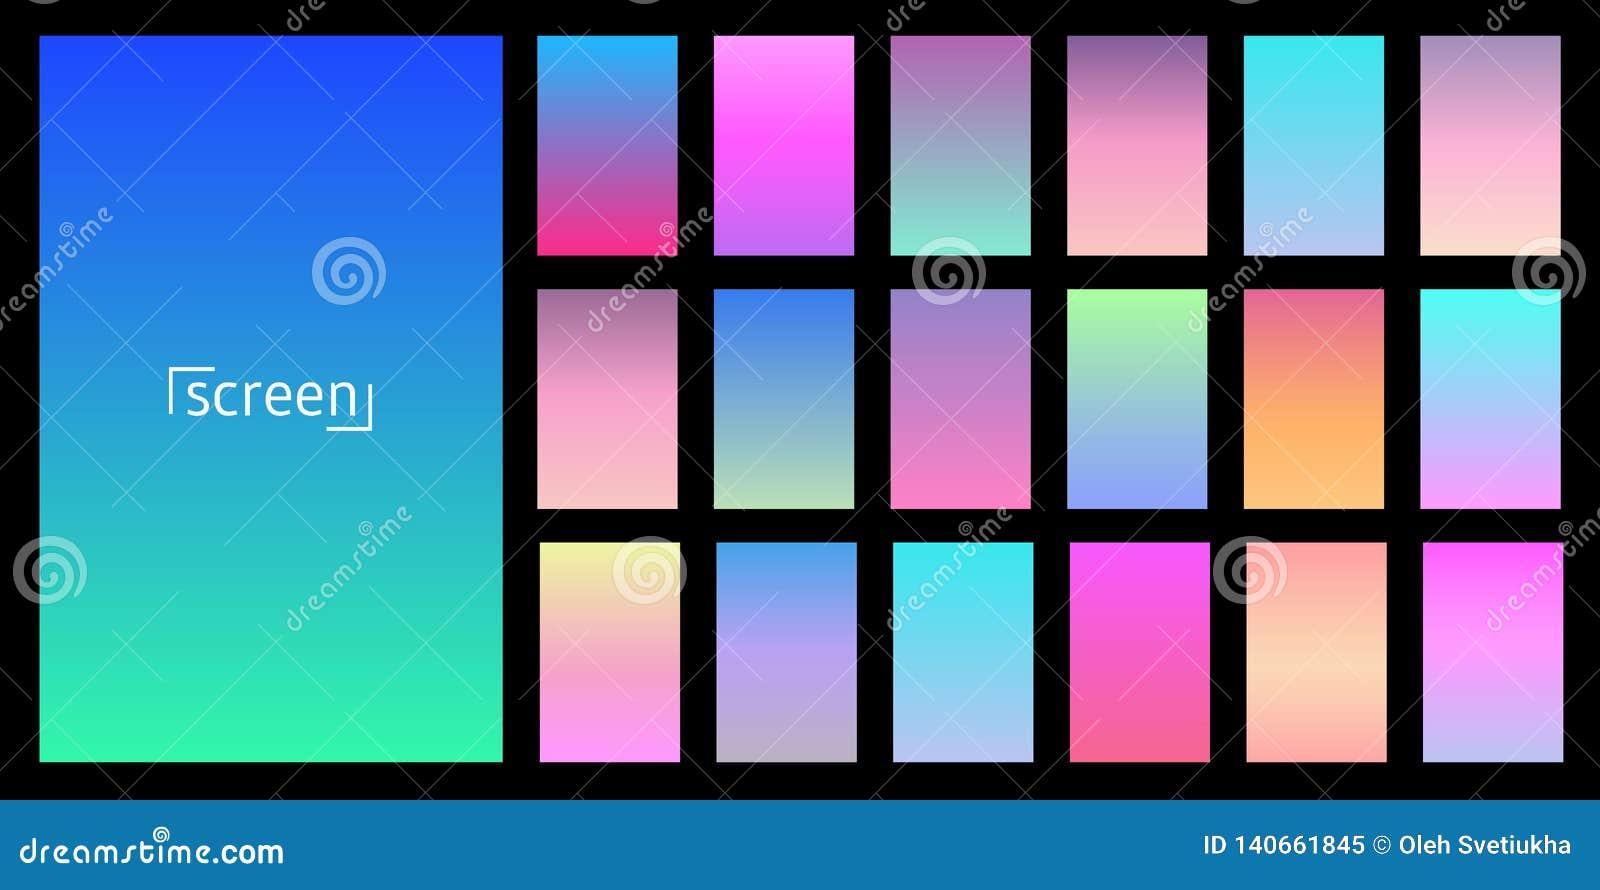 Diseño moderno del vector de la pantalla para el app móvil Colección de pendiente suave del fondo del color Placas con efecto de